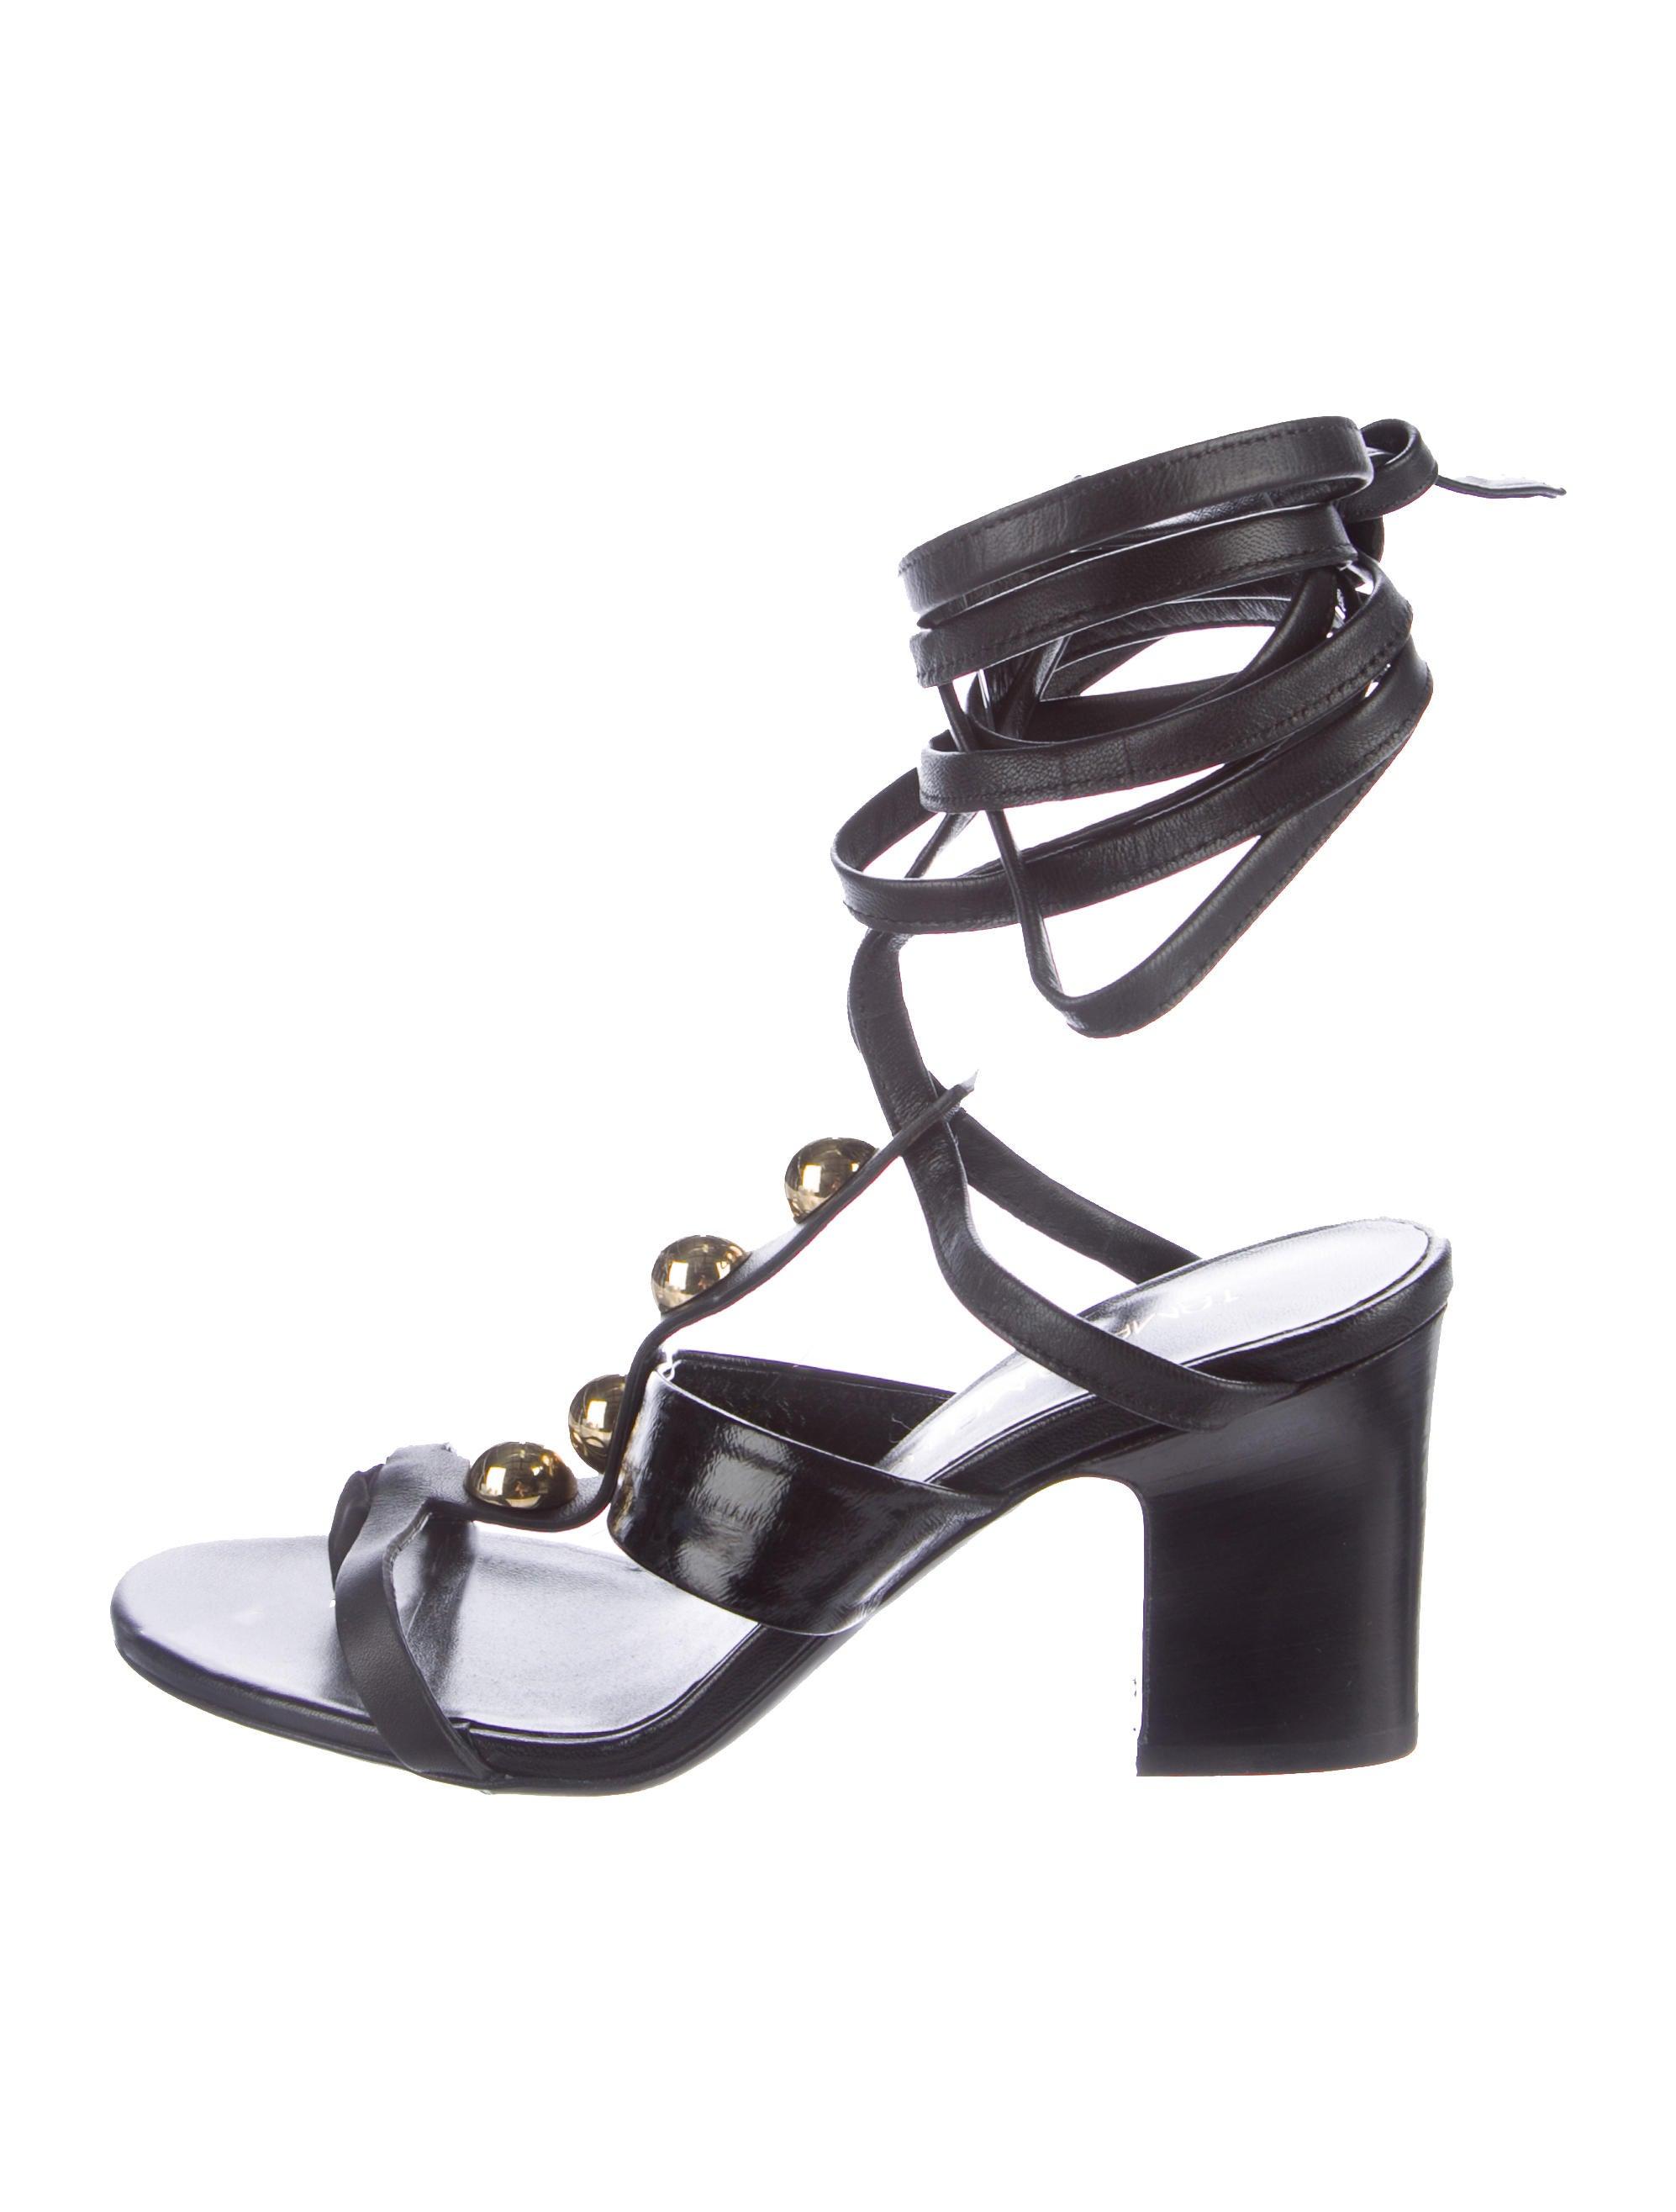 Tamara Mellon Stud Embellished Sandals outlet footaction llOLtp